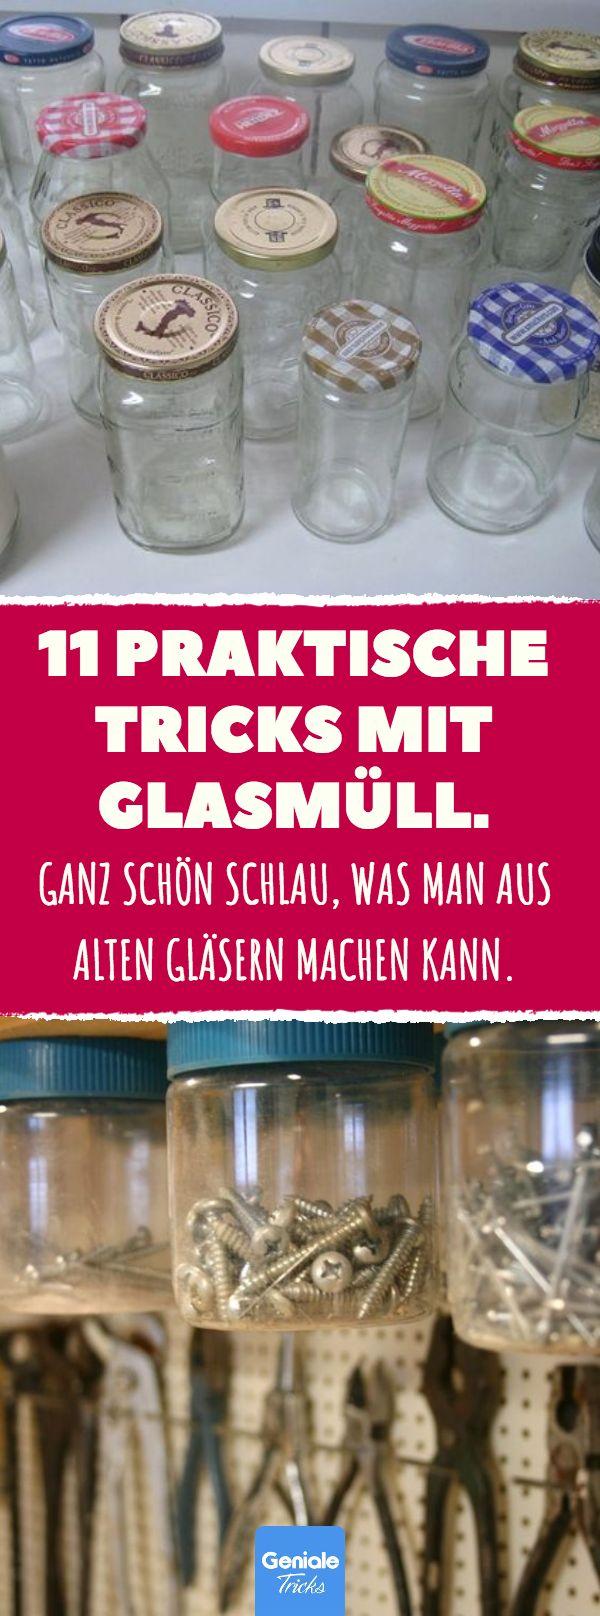 11 praktische Tricks mit Glasmüll #Upcycling #Recycling #Altglas #Schraubglas #... 11 praktische Tricks mit Glasabfällen #Upcycling #Recycling #Altes Glas